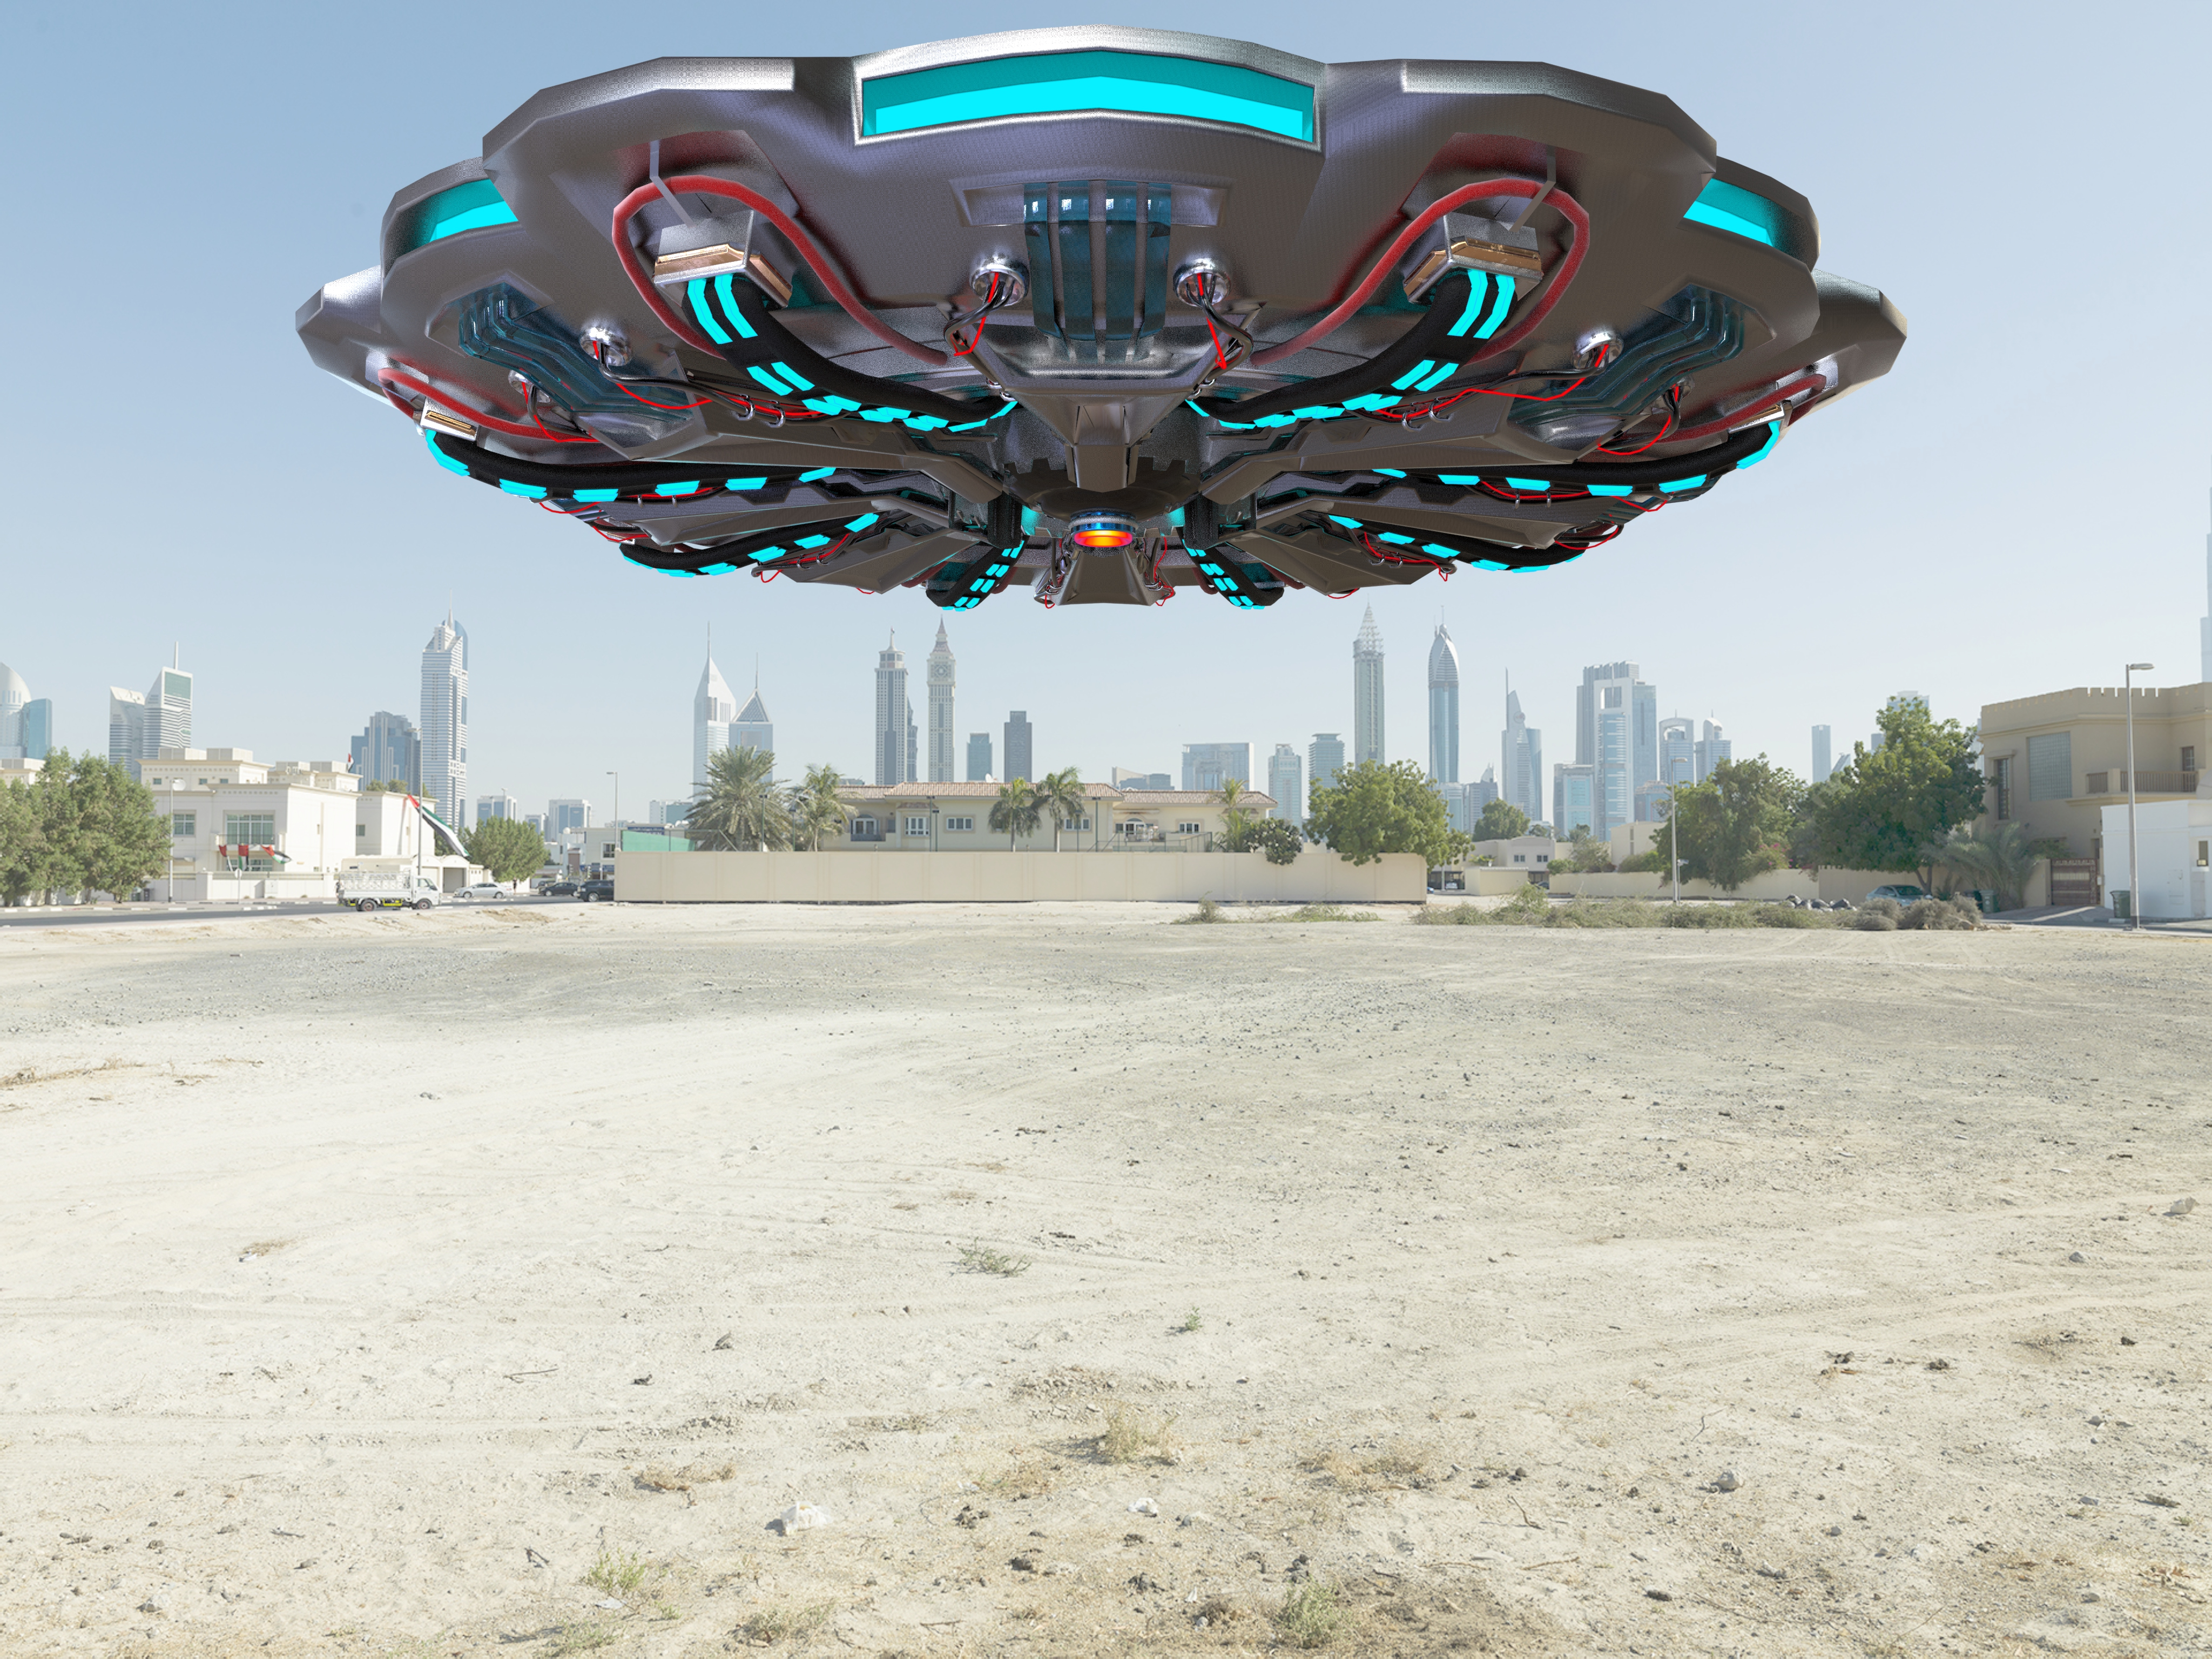 科幻飞碟渲染模型